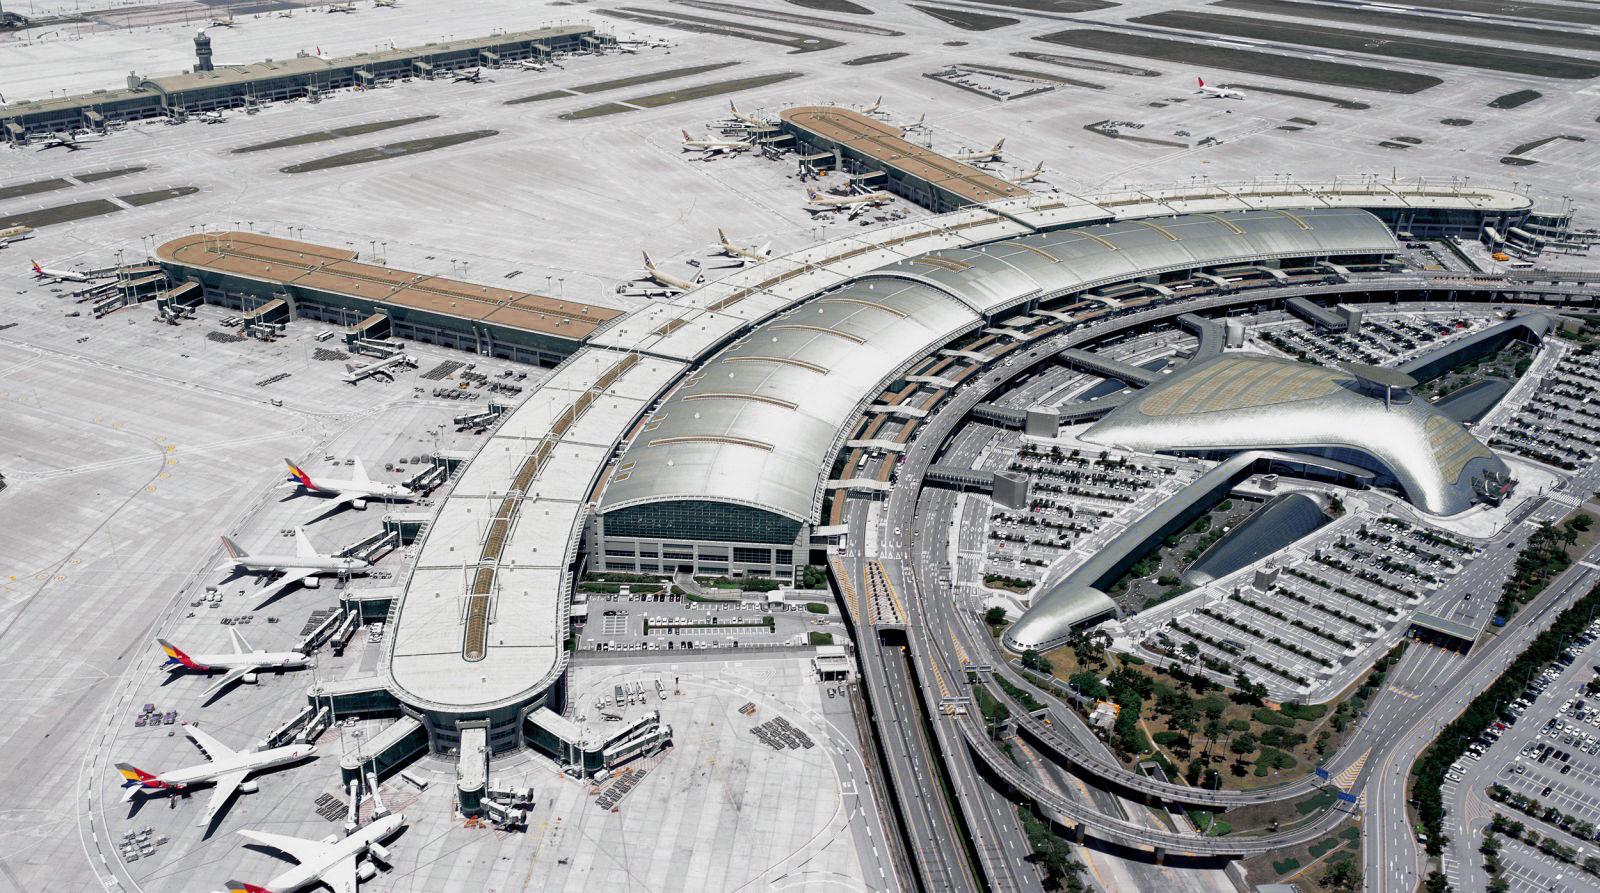 Dallas Forth Worth Airport